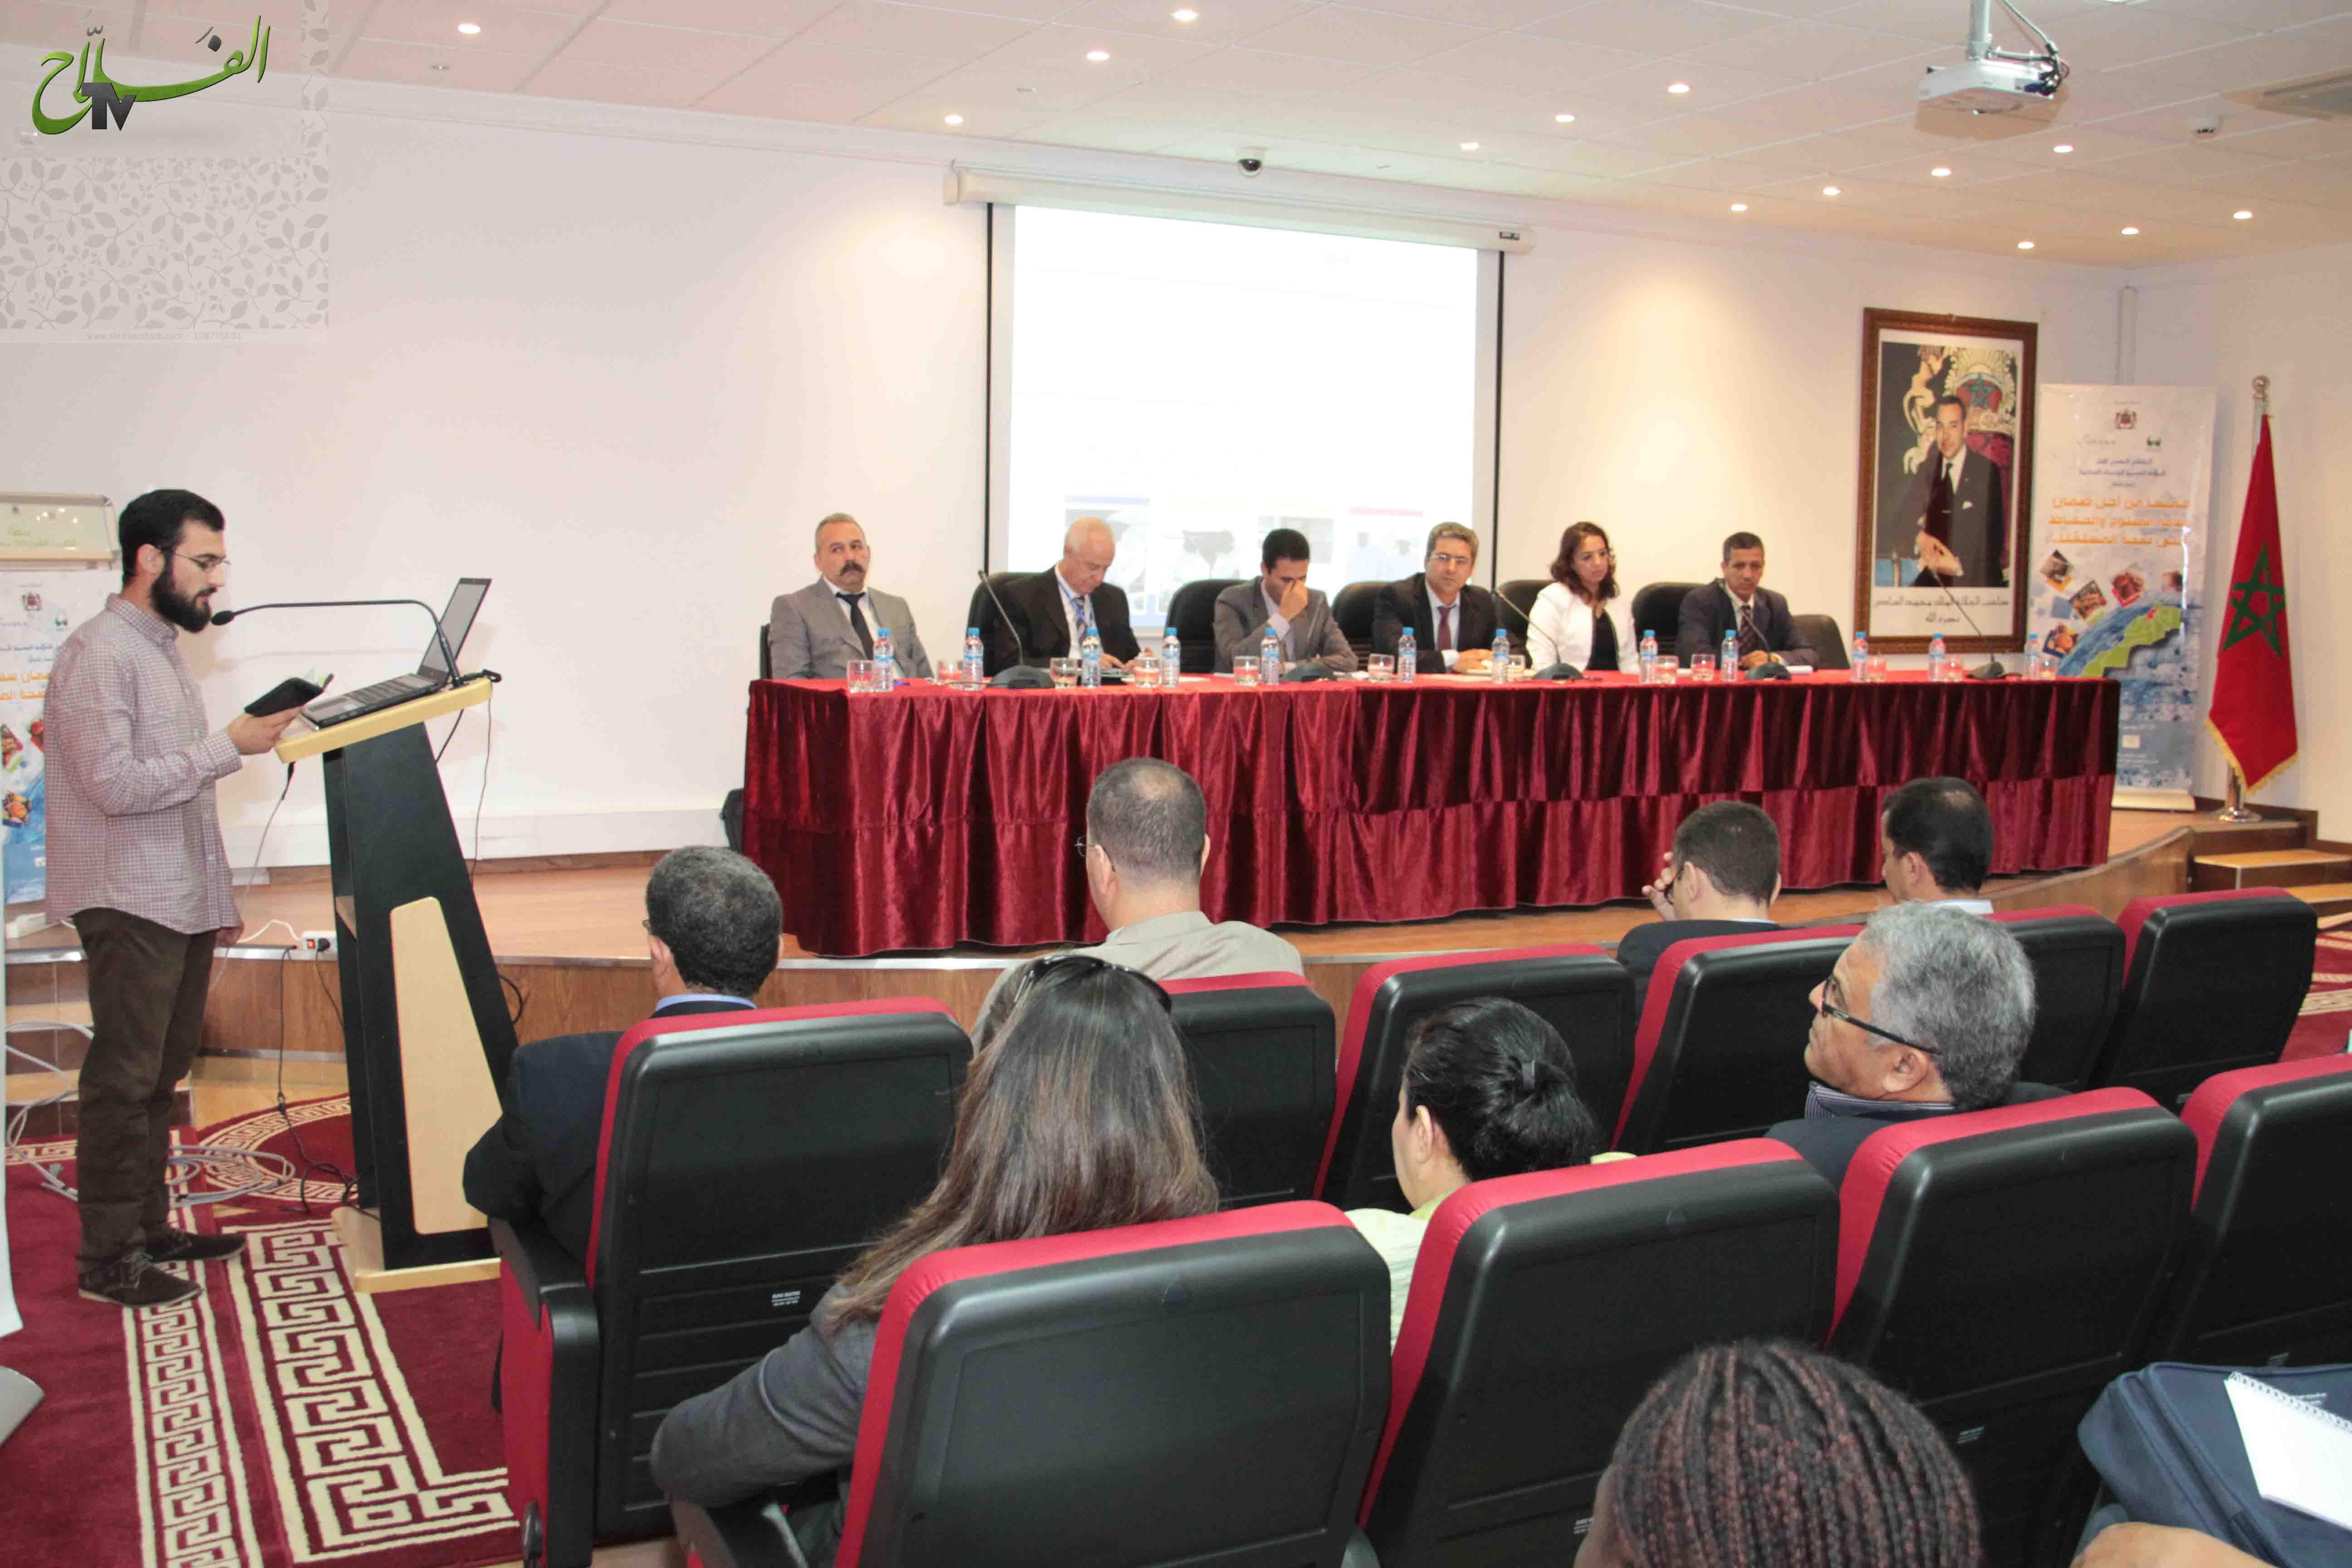 الملتقى الجهوي الأول للسلامة الصحية للمنتجات الغذائية ( القنيطرة )